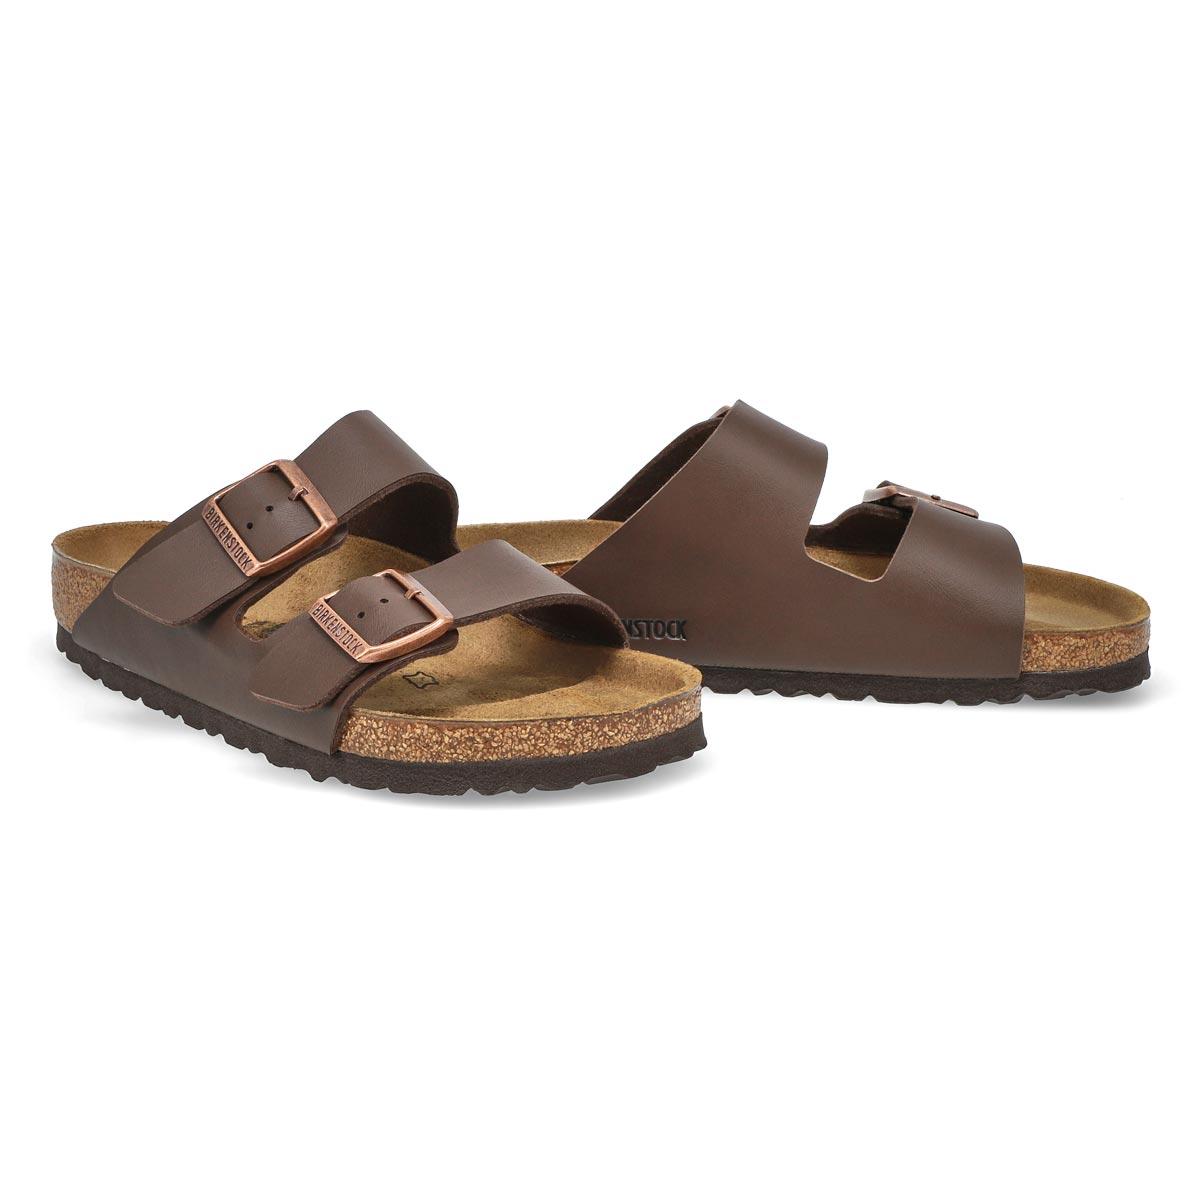 Lds Arizona brown 2 strap sandal